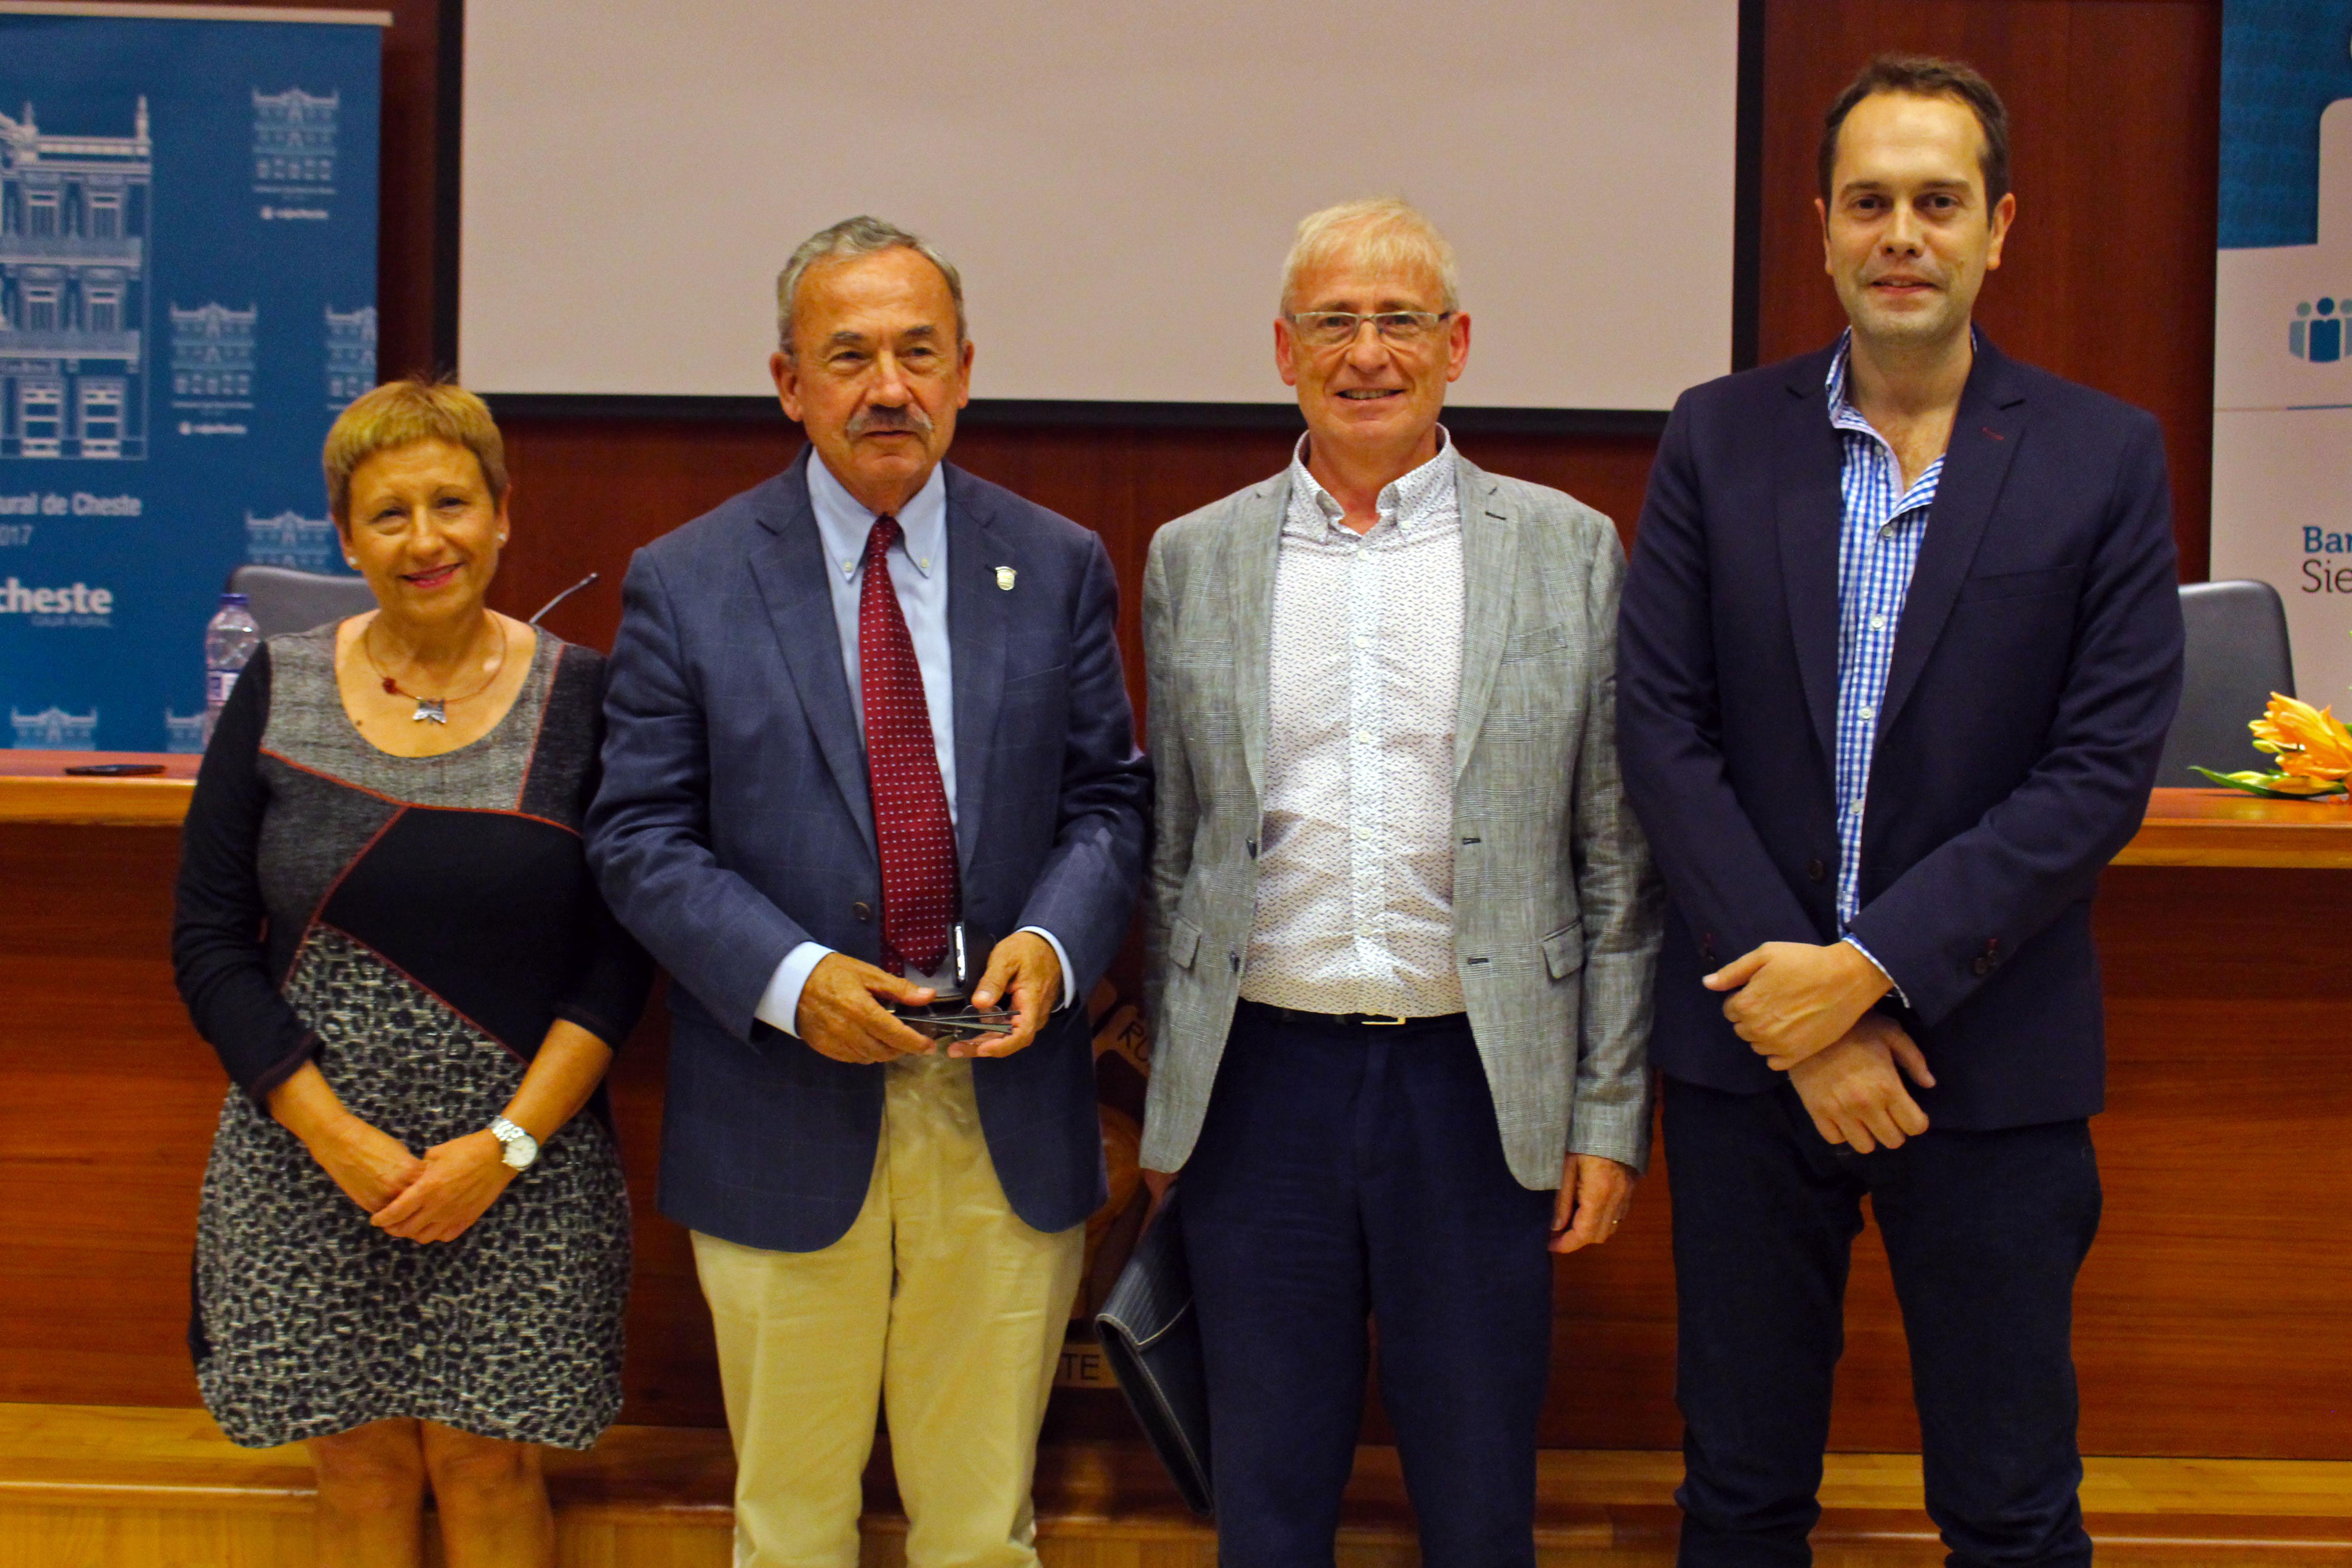 El viernes se celebró el acto de presentación de las jornadas con la presencia del cónsul de Austria en Valencia.